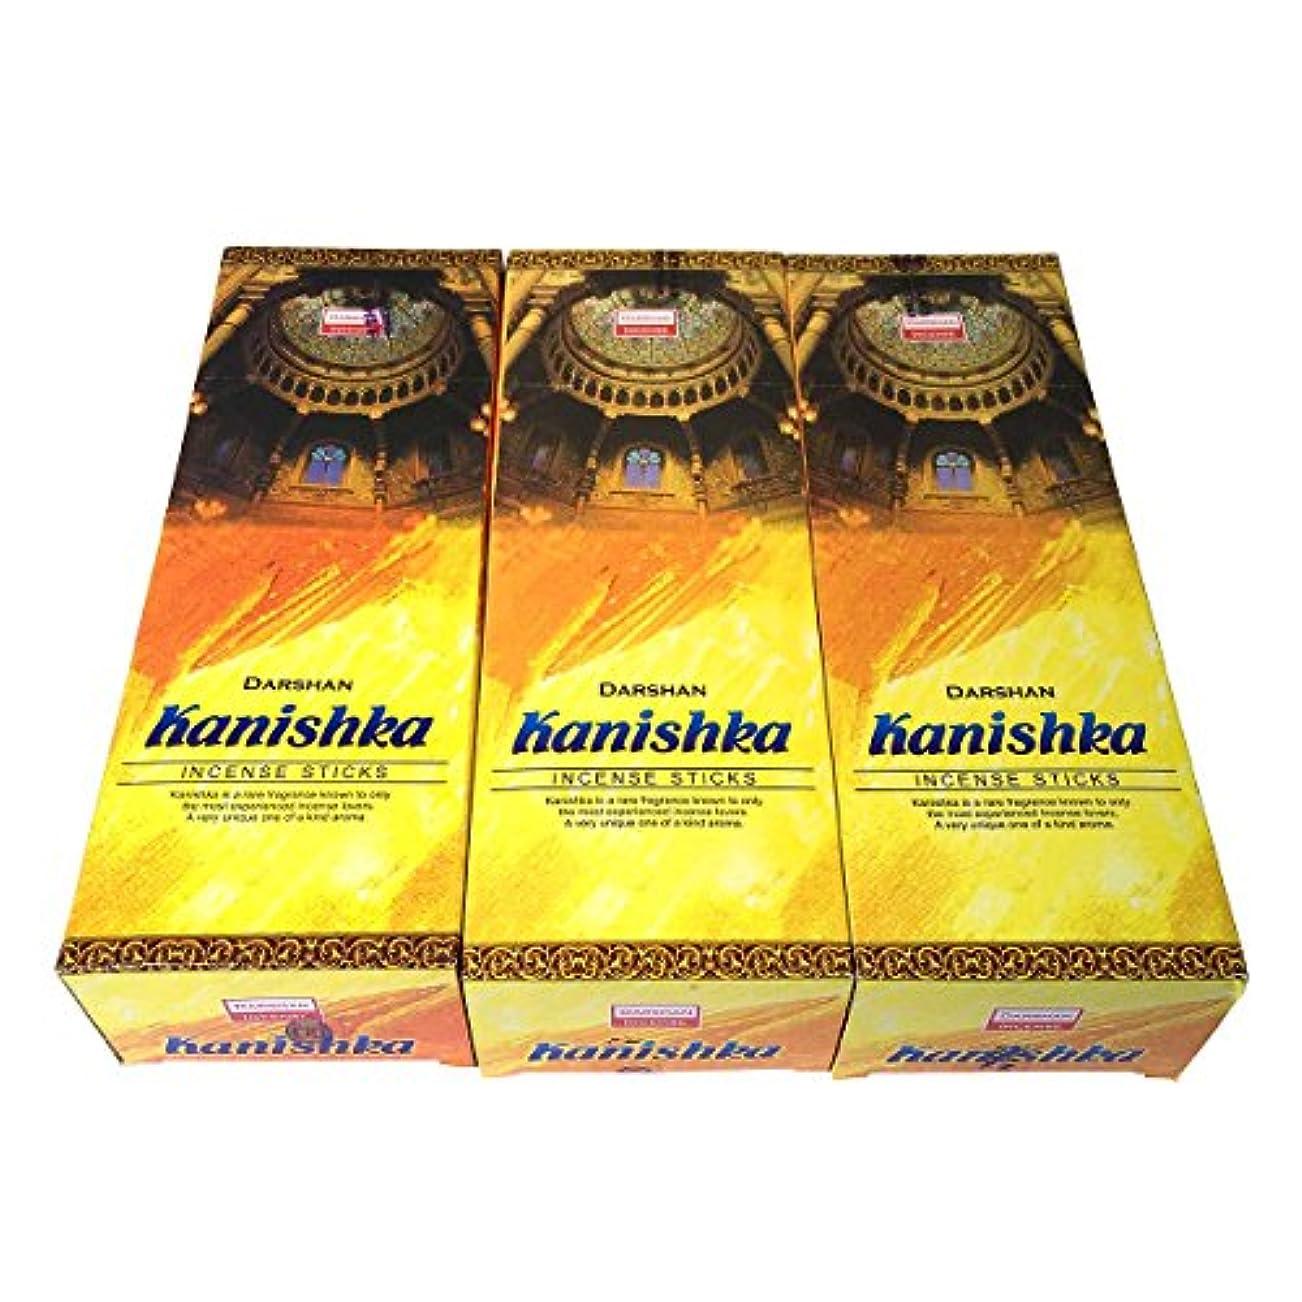 憧れ敏感な締めるカニシュカ香スティック 3BOX(18箱) /DARSHAN KANISHKA/インセンス/インド香 お香 [並行輸入品]